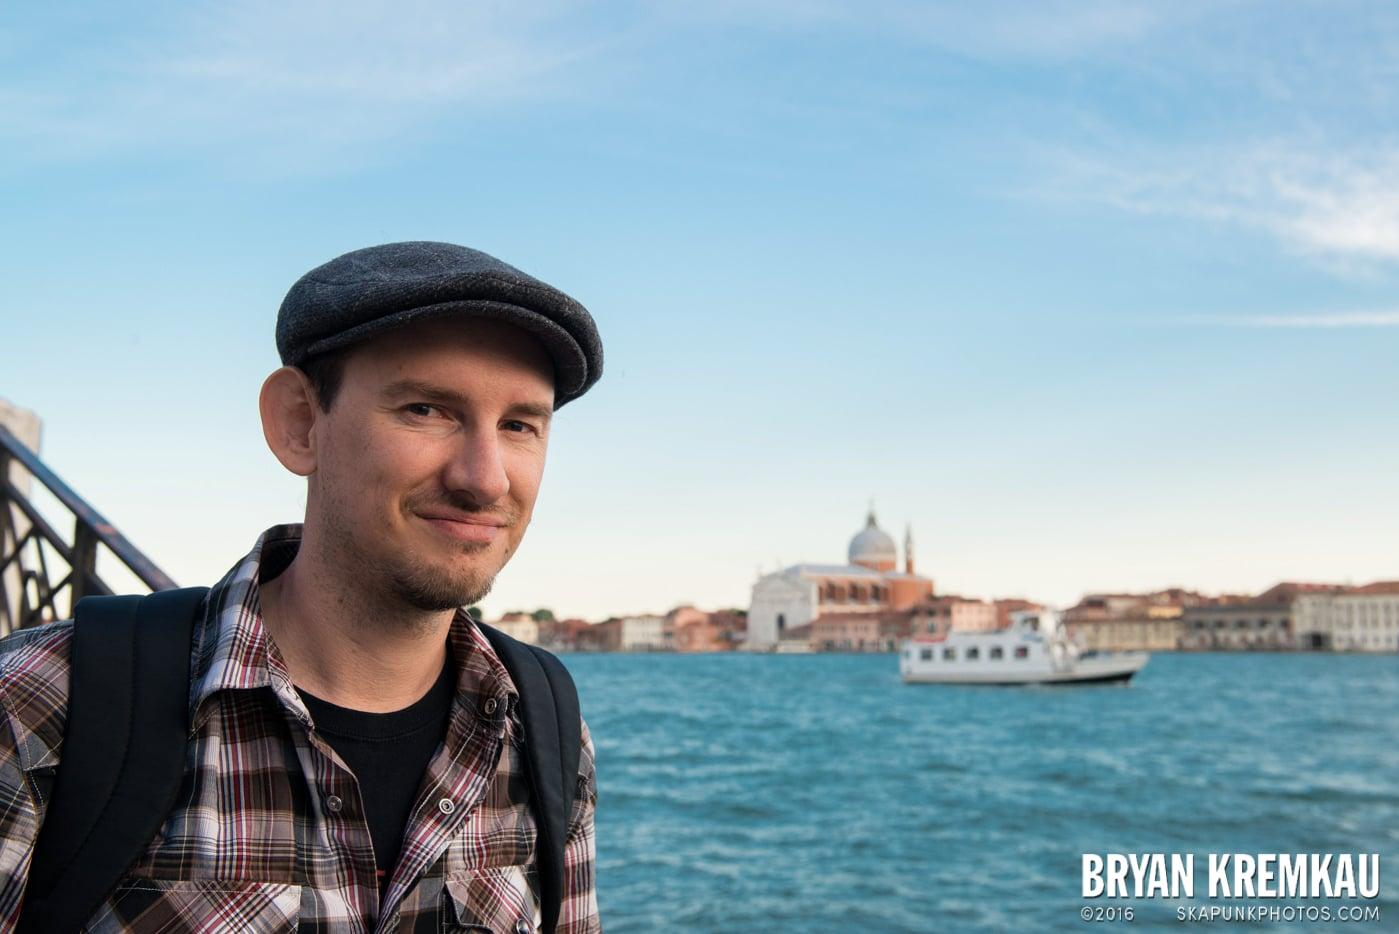 Italy Vacation - Day 4: Venice - 9.12.13 (16)